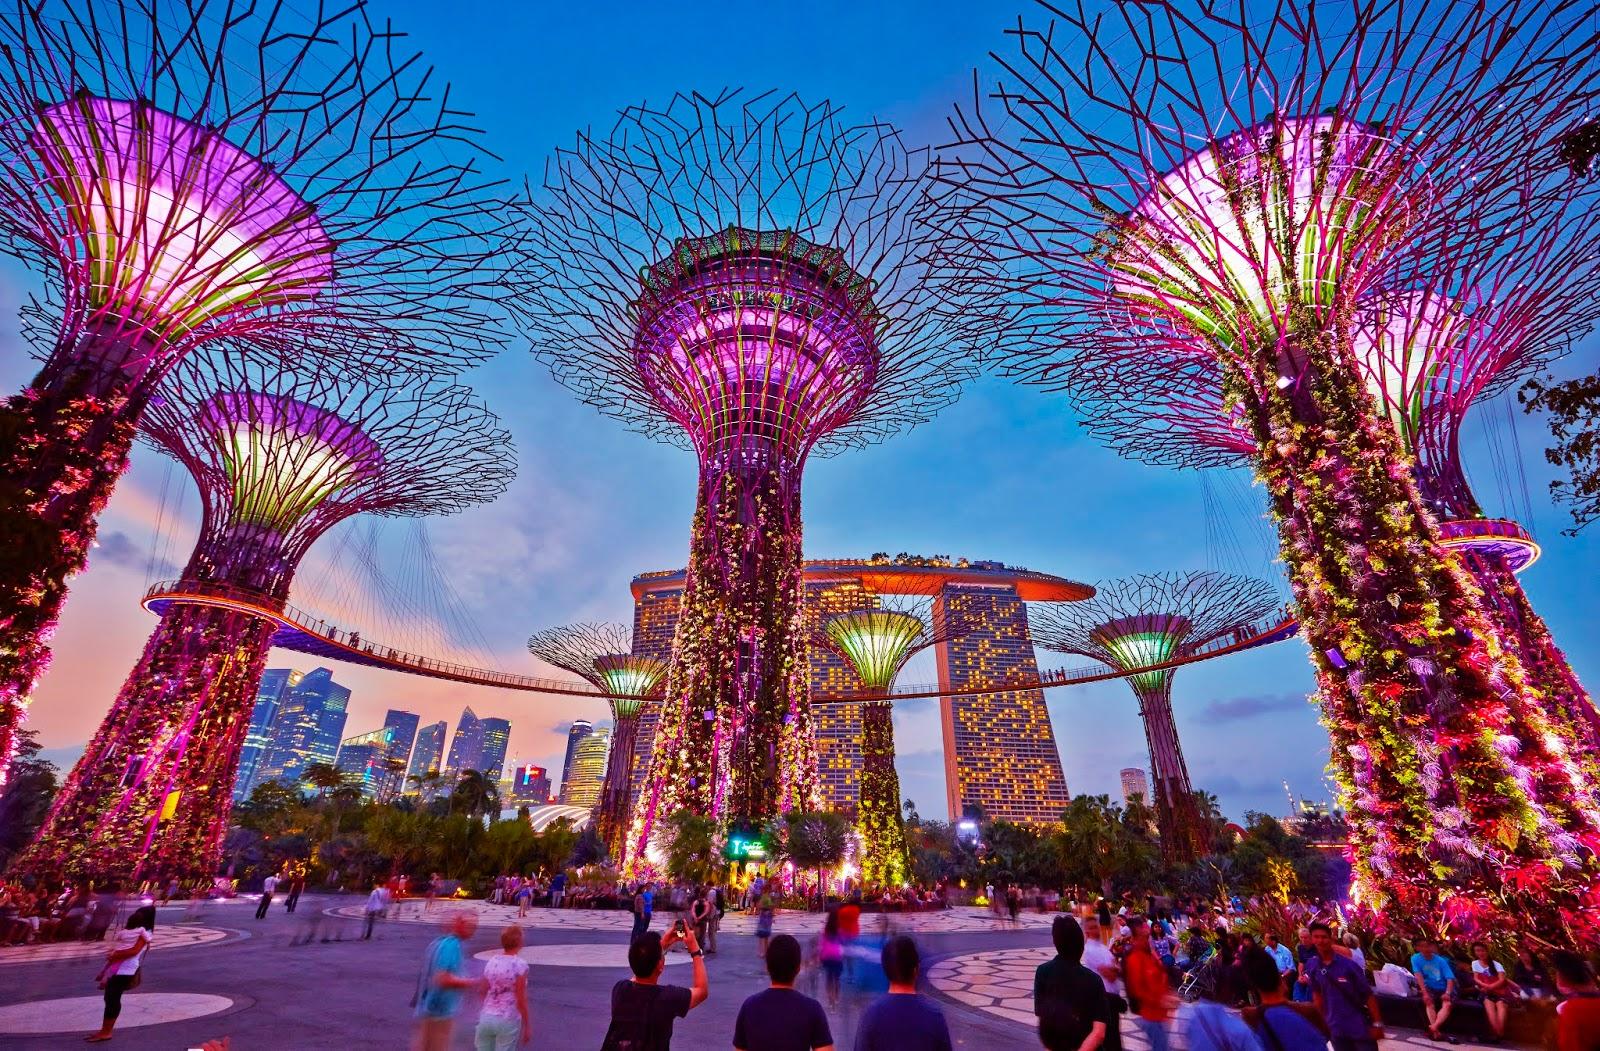 Singapore xác định sẽ tái thiết ngành du lịch bằng hàng loạt ứng dụng công nghệ mới - 2